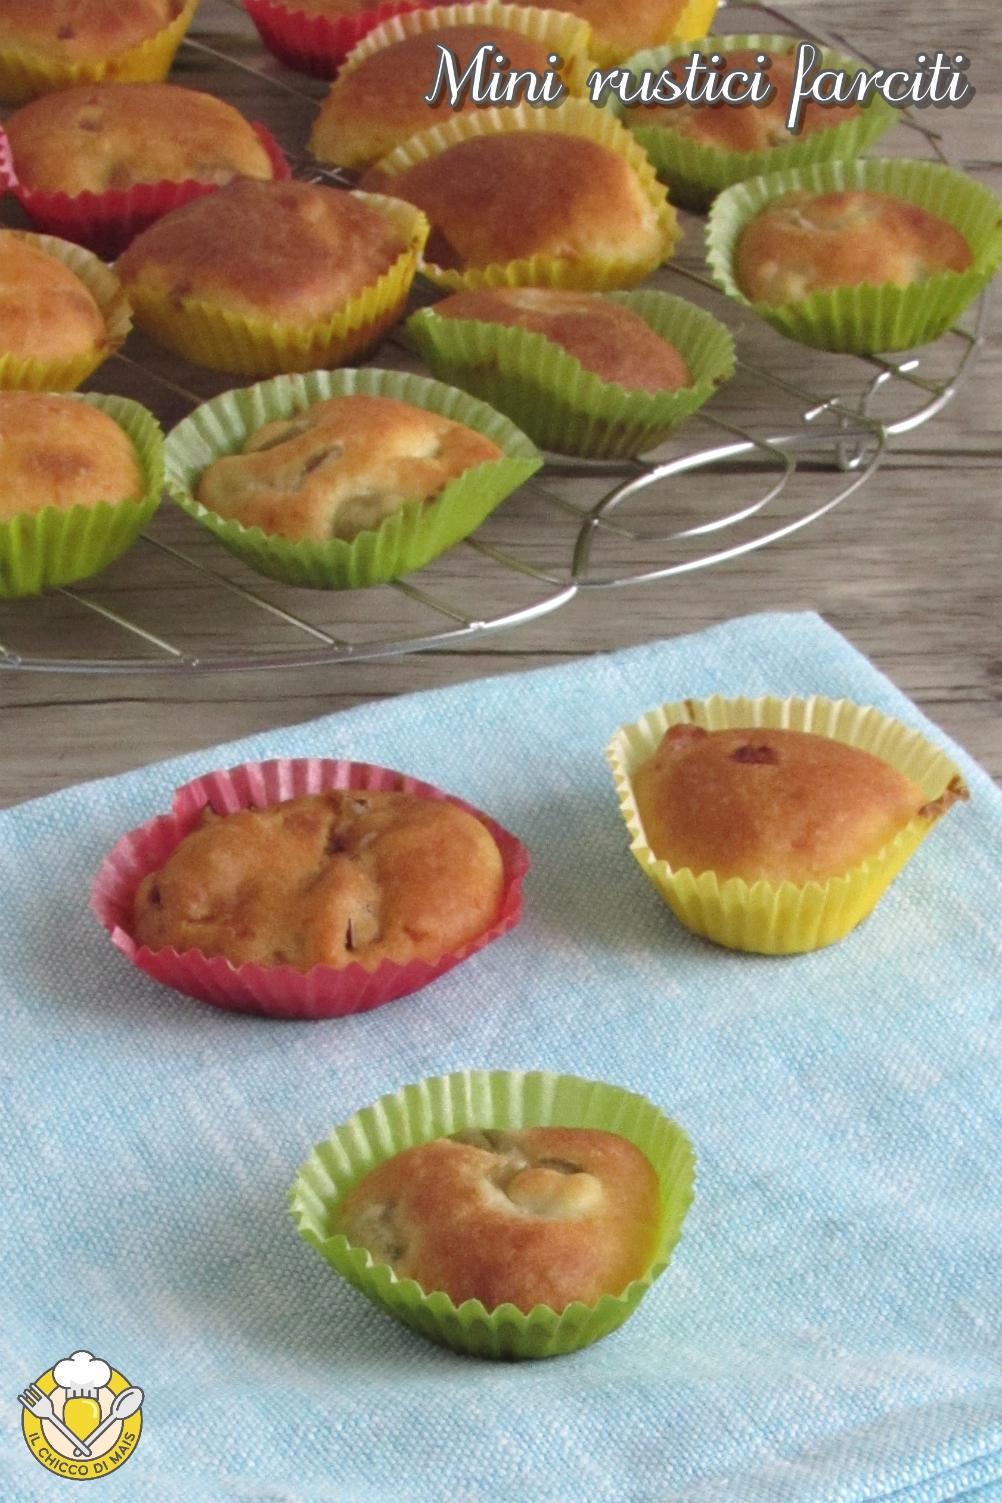 v_ mini rustici farciti con olive pancetta pomodori secchi ricetta buffet feste rinfreschi il chicco di mais